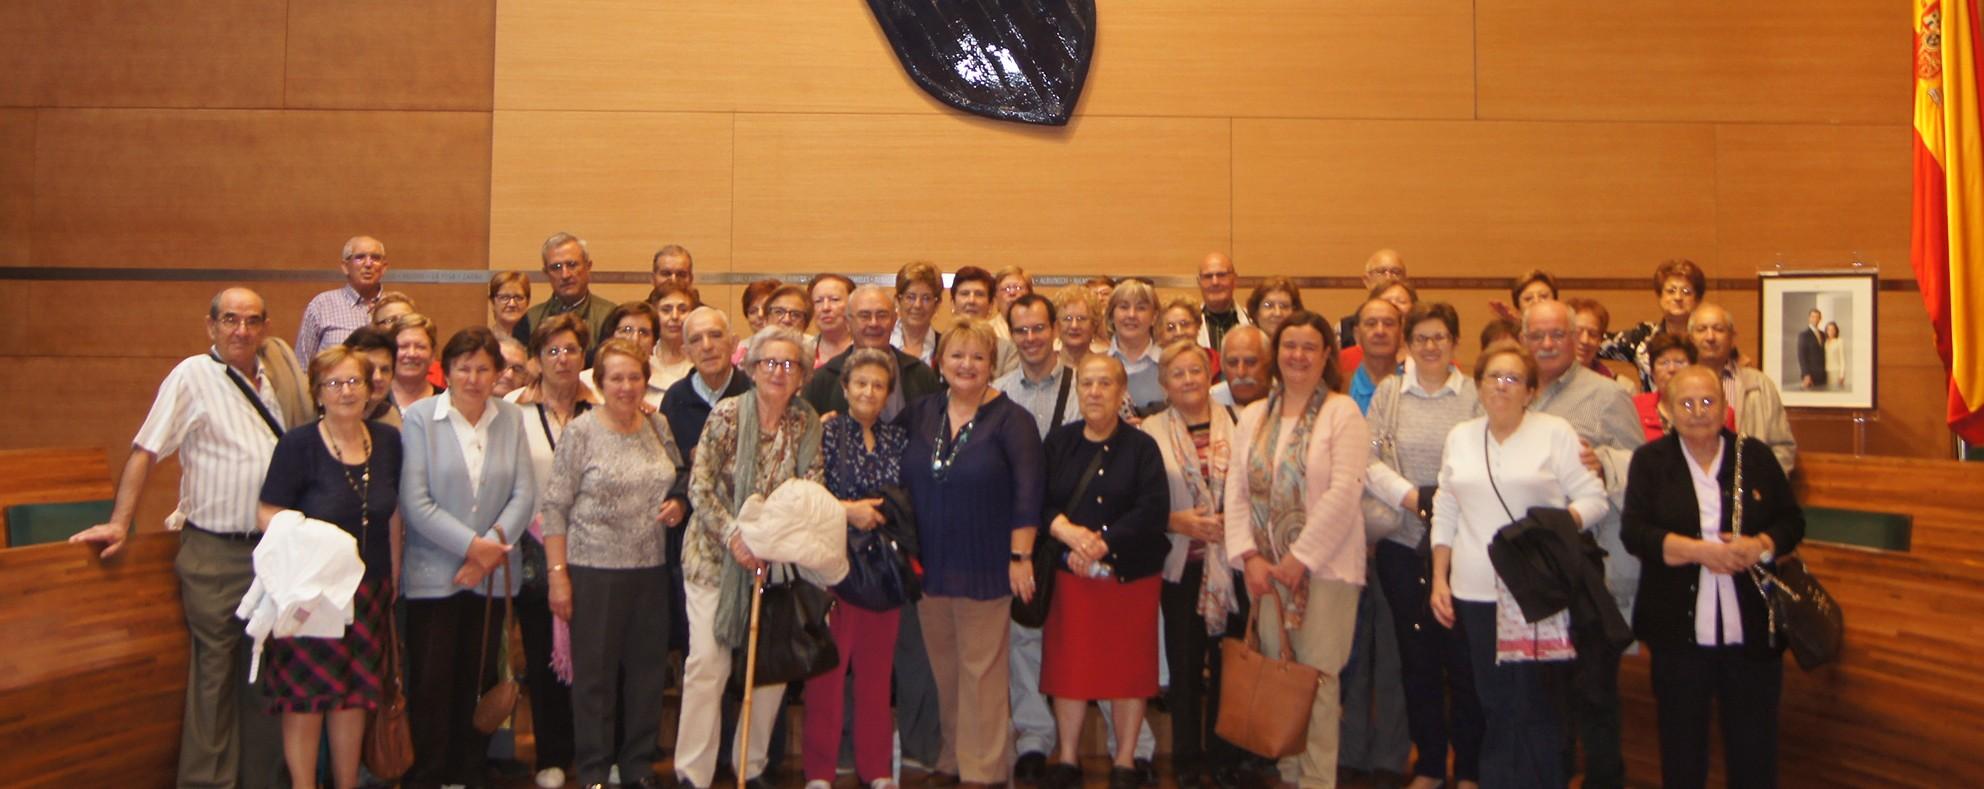 Los vecinos de Chulilla durante su visita a la Diputación de Valencia.